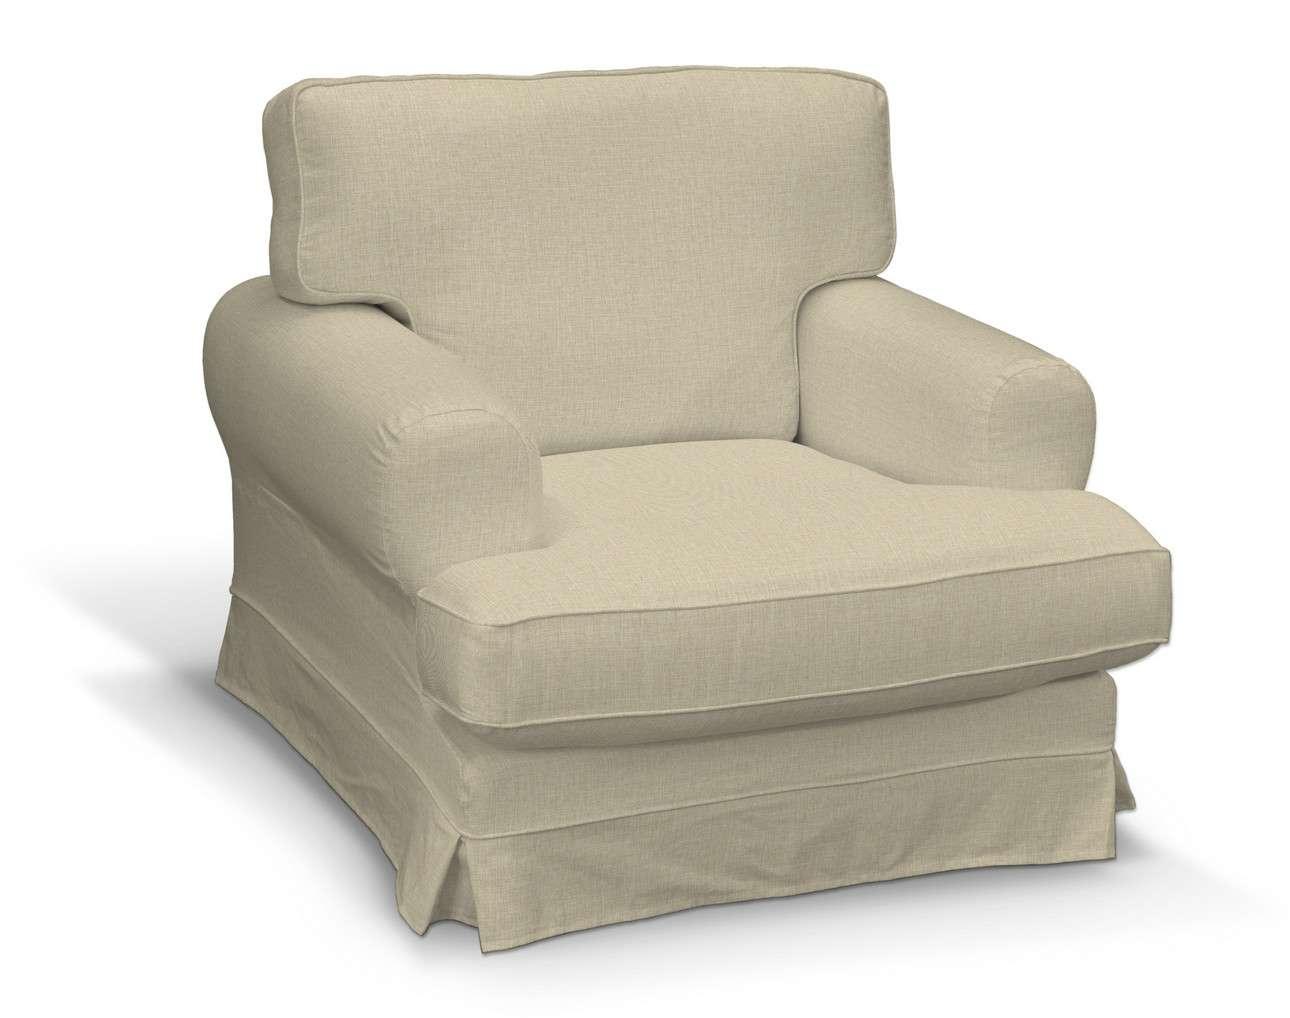 Pokrowiec na fotel Ekeskog w kolekcji Living, tkanina: 161-45